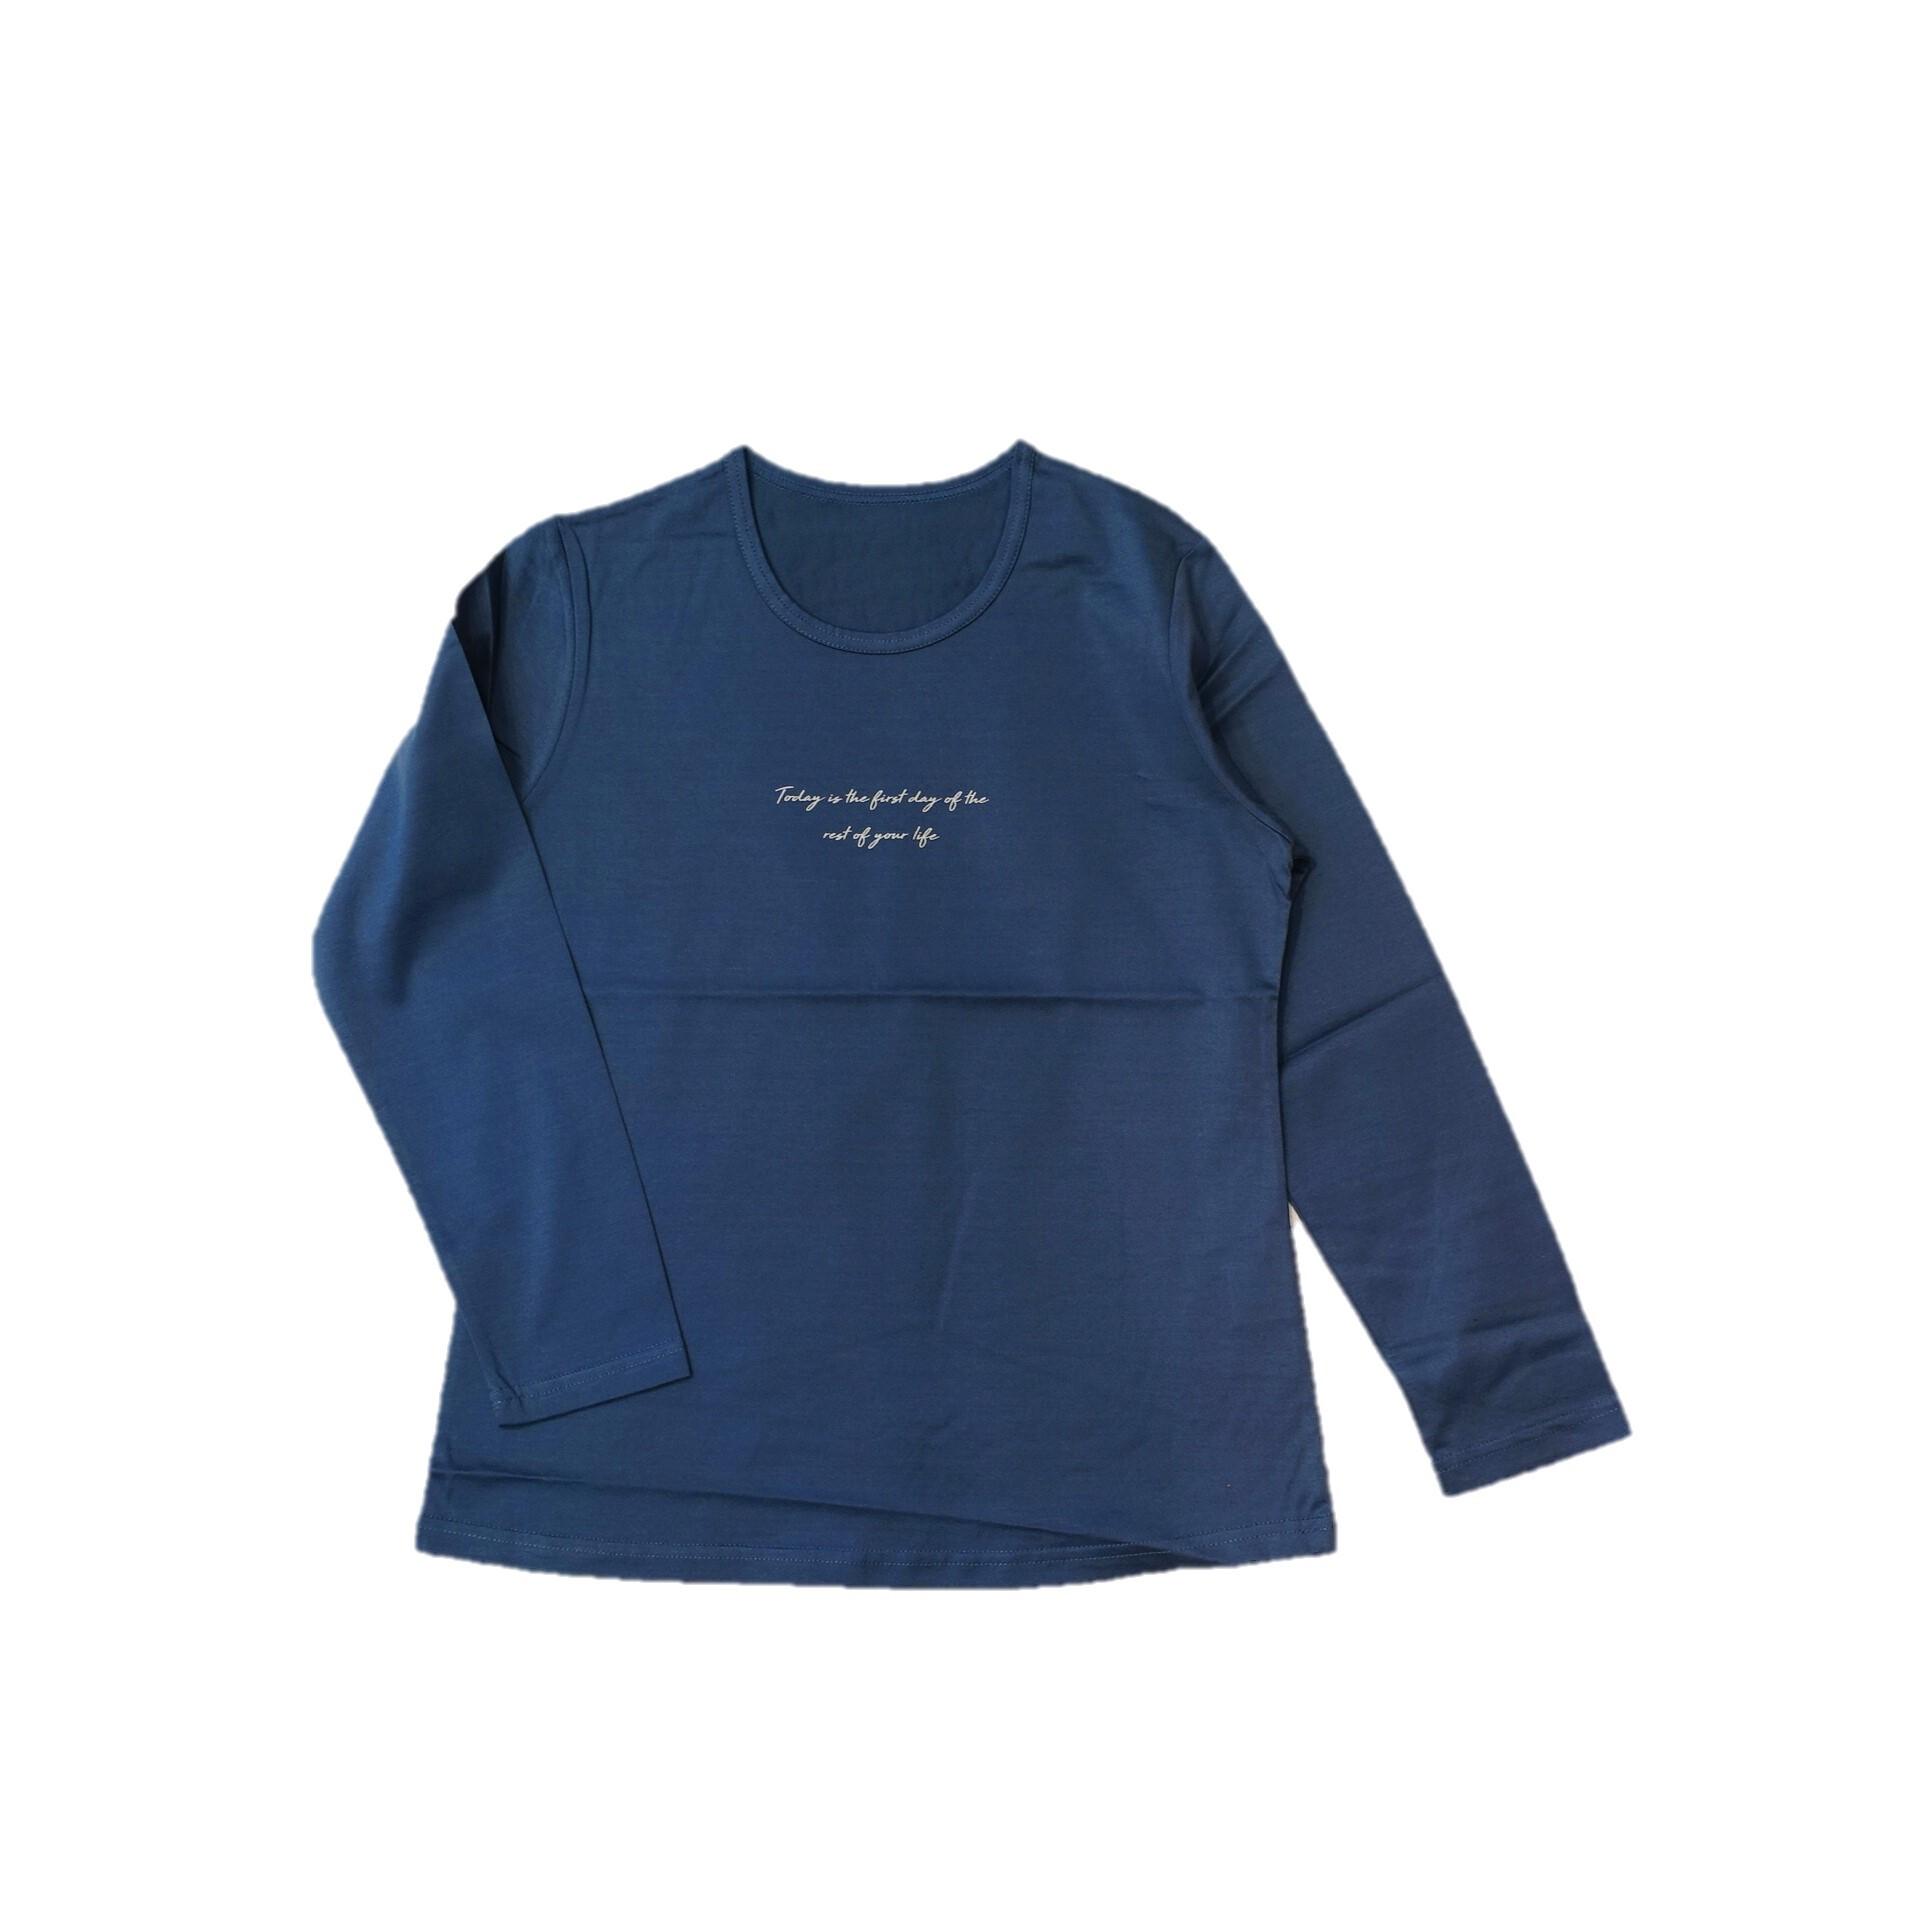 21033  ロゴカットソー/ブルー